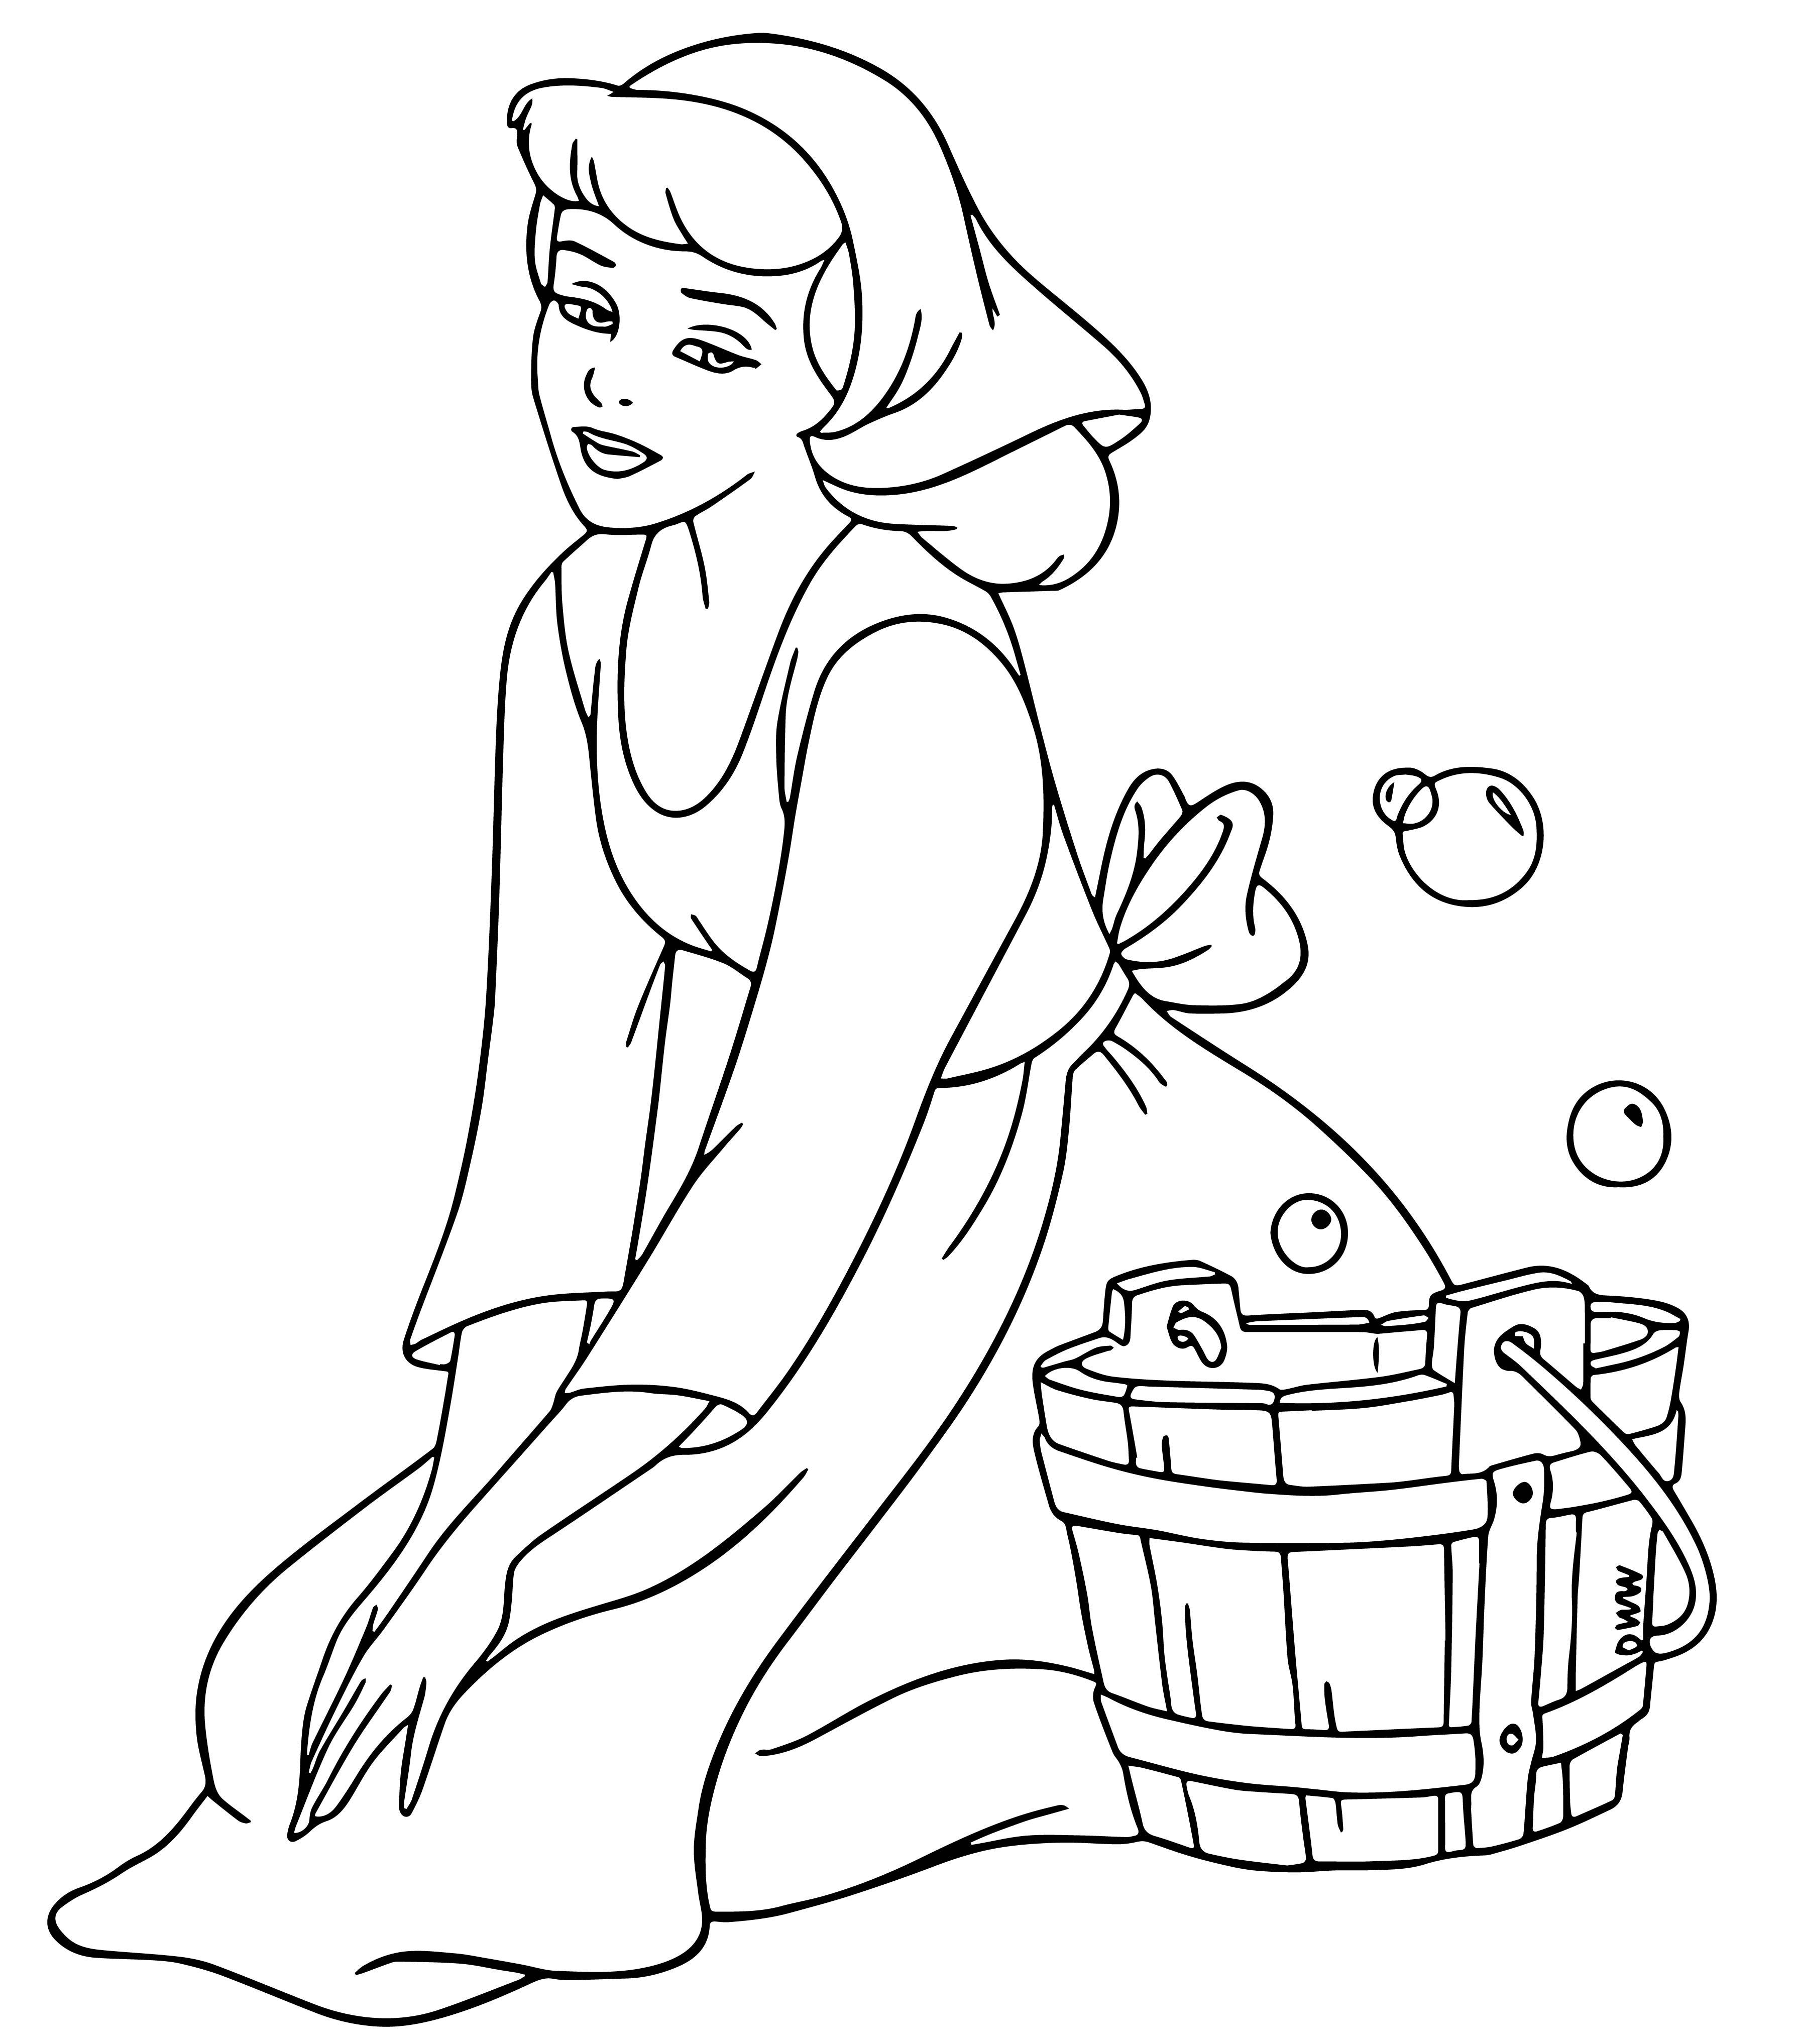 Cinderella Coloring Pages 20 Wecoloringpage Com